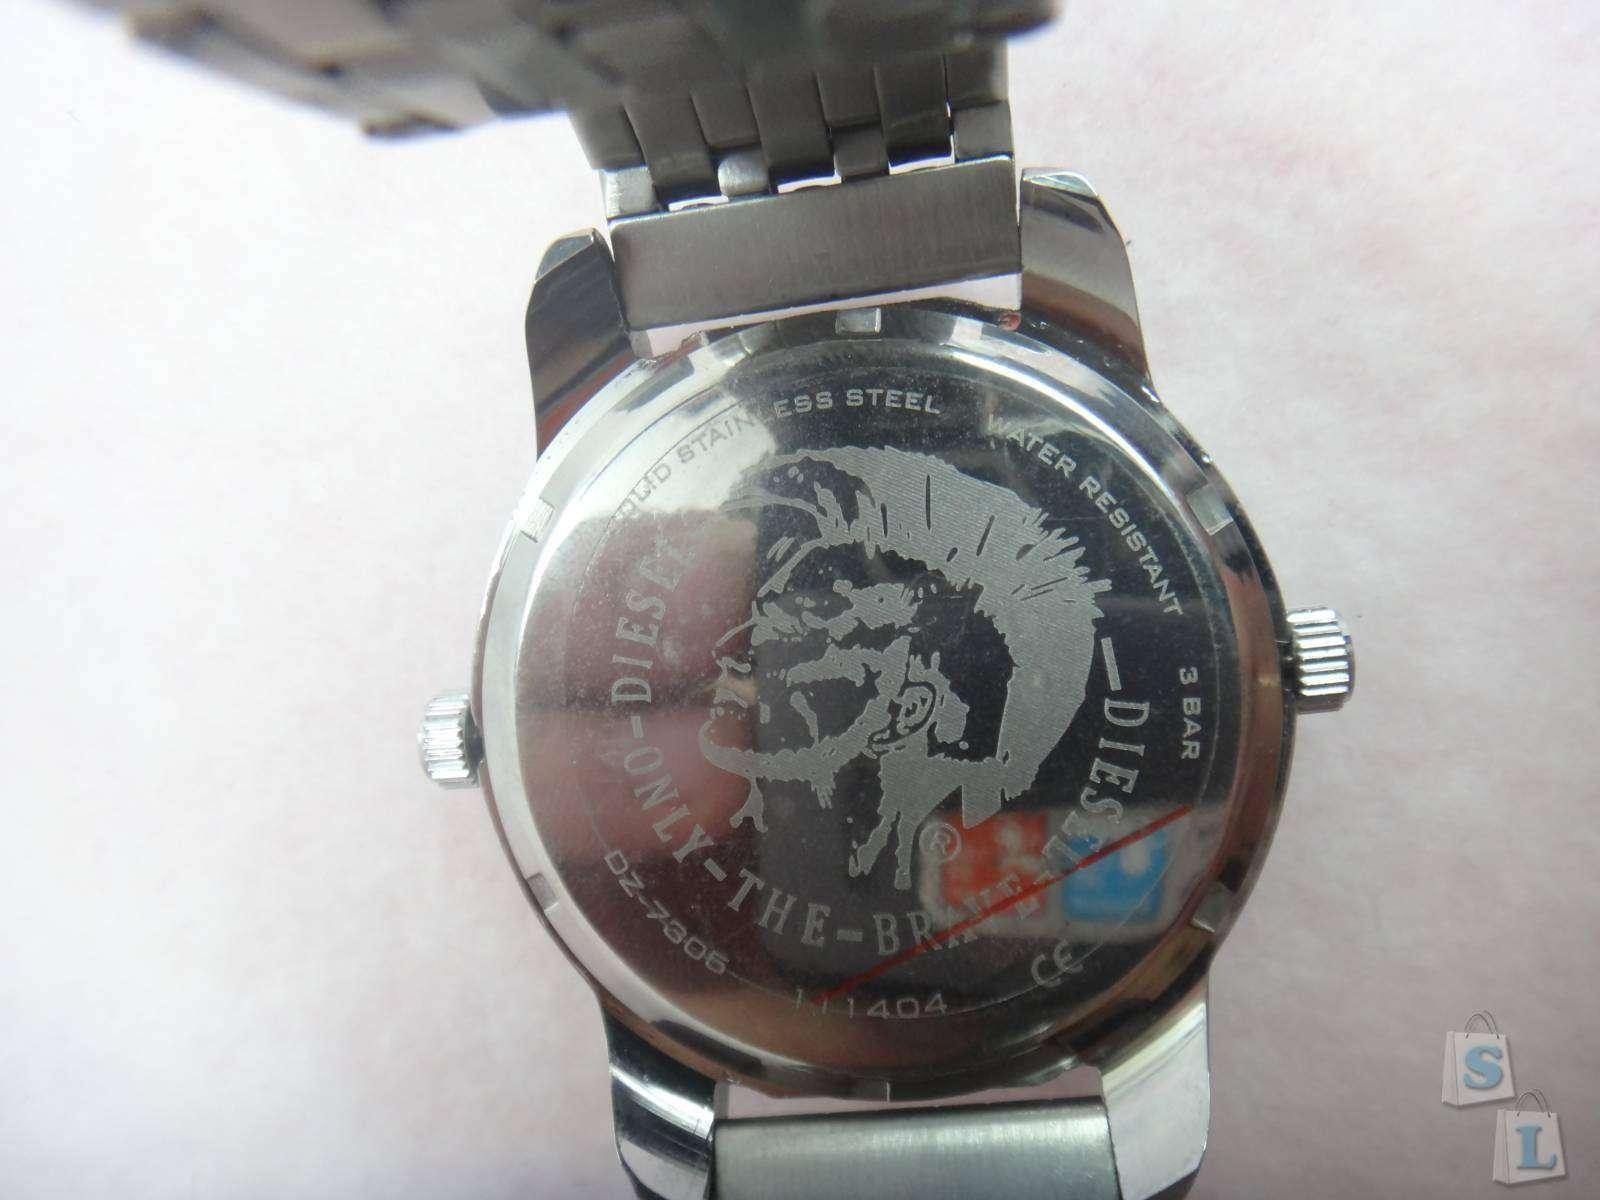 Popkind: Качественная реплика (копия) Diesel DZ7308 мужские часы с двумя циферблатами